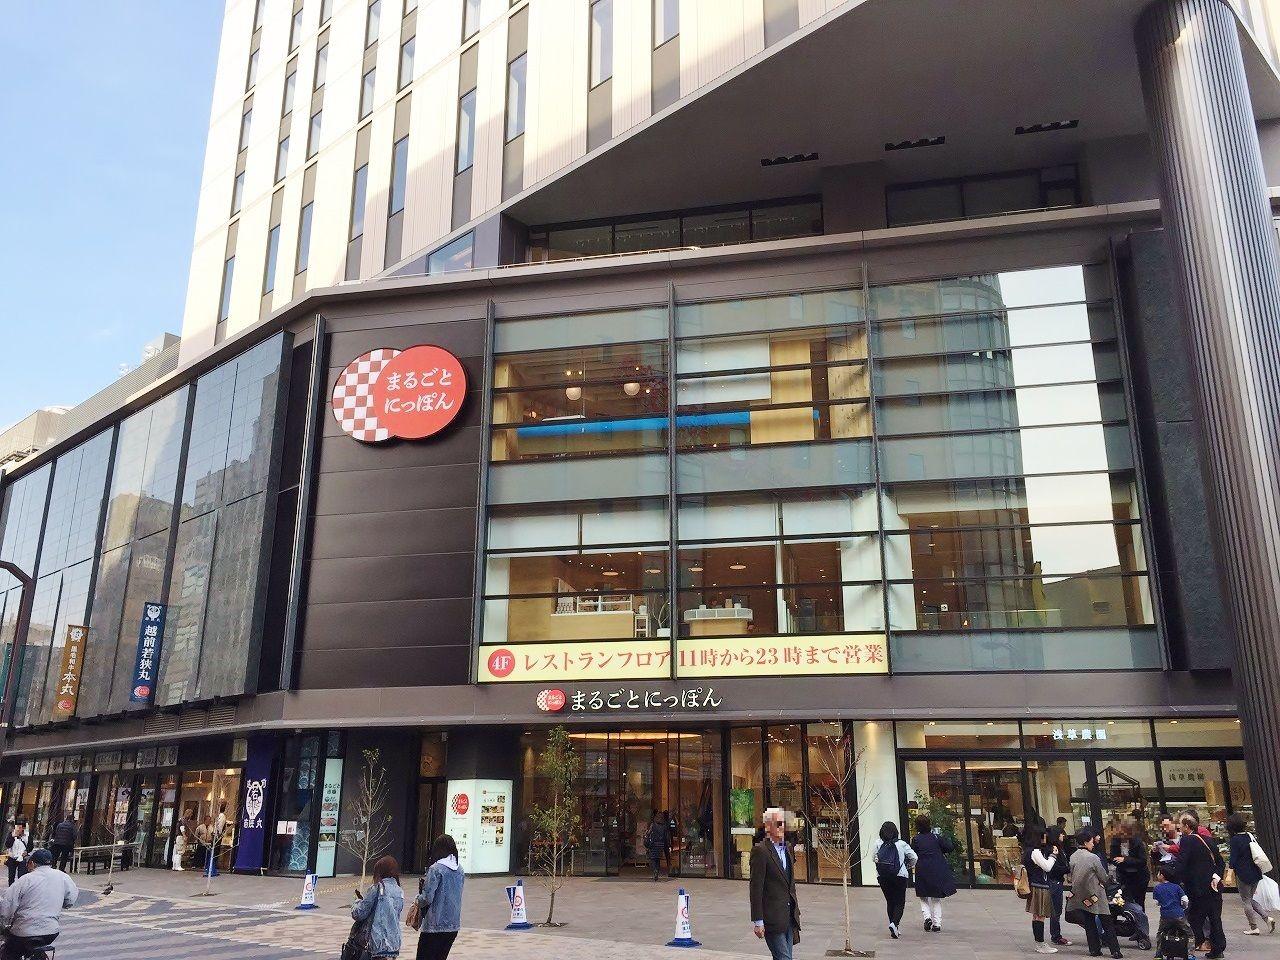 東京最大の歓楽街だった浅草六区